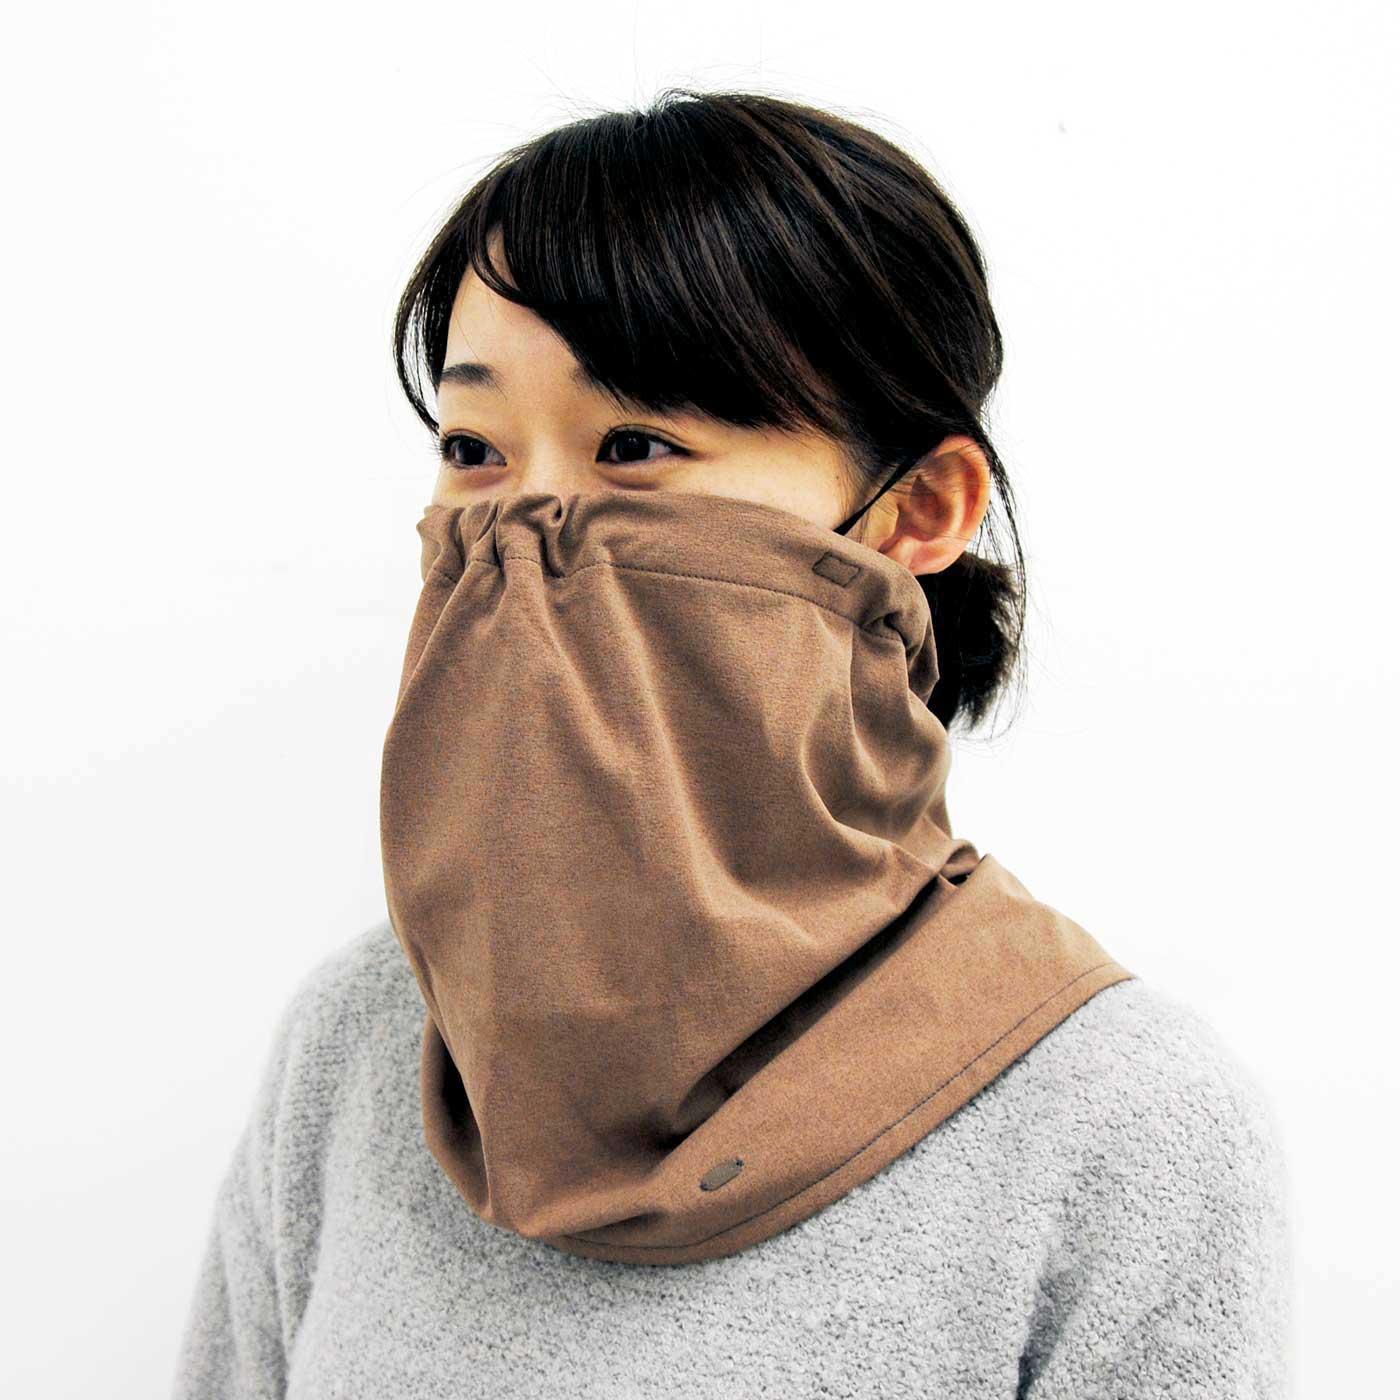 ゴムを耳に掛け、目の下まで引き上げてマスク使いに。 ※視界を遮る可能性があるため、運転中は必ず前側を引き下ろしてご使用ください。